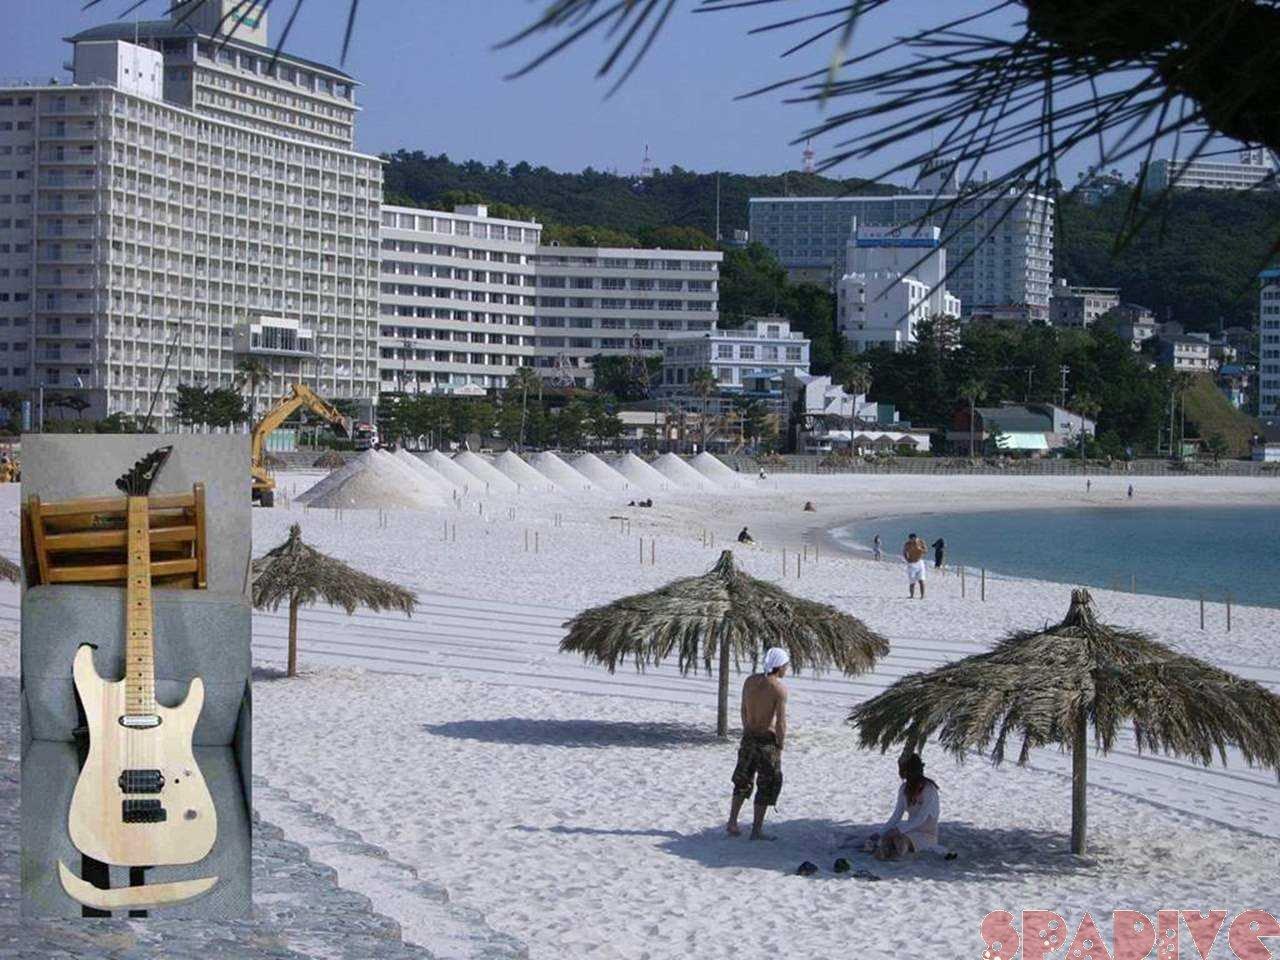 暑い暑い「砂まつり」準備|シャーベルギター改造|5/24/2007